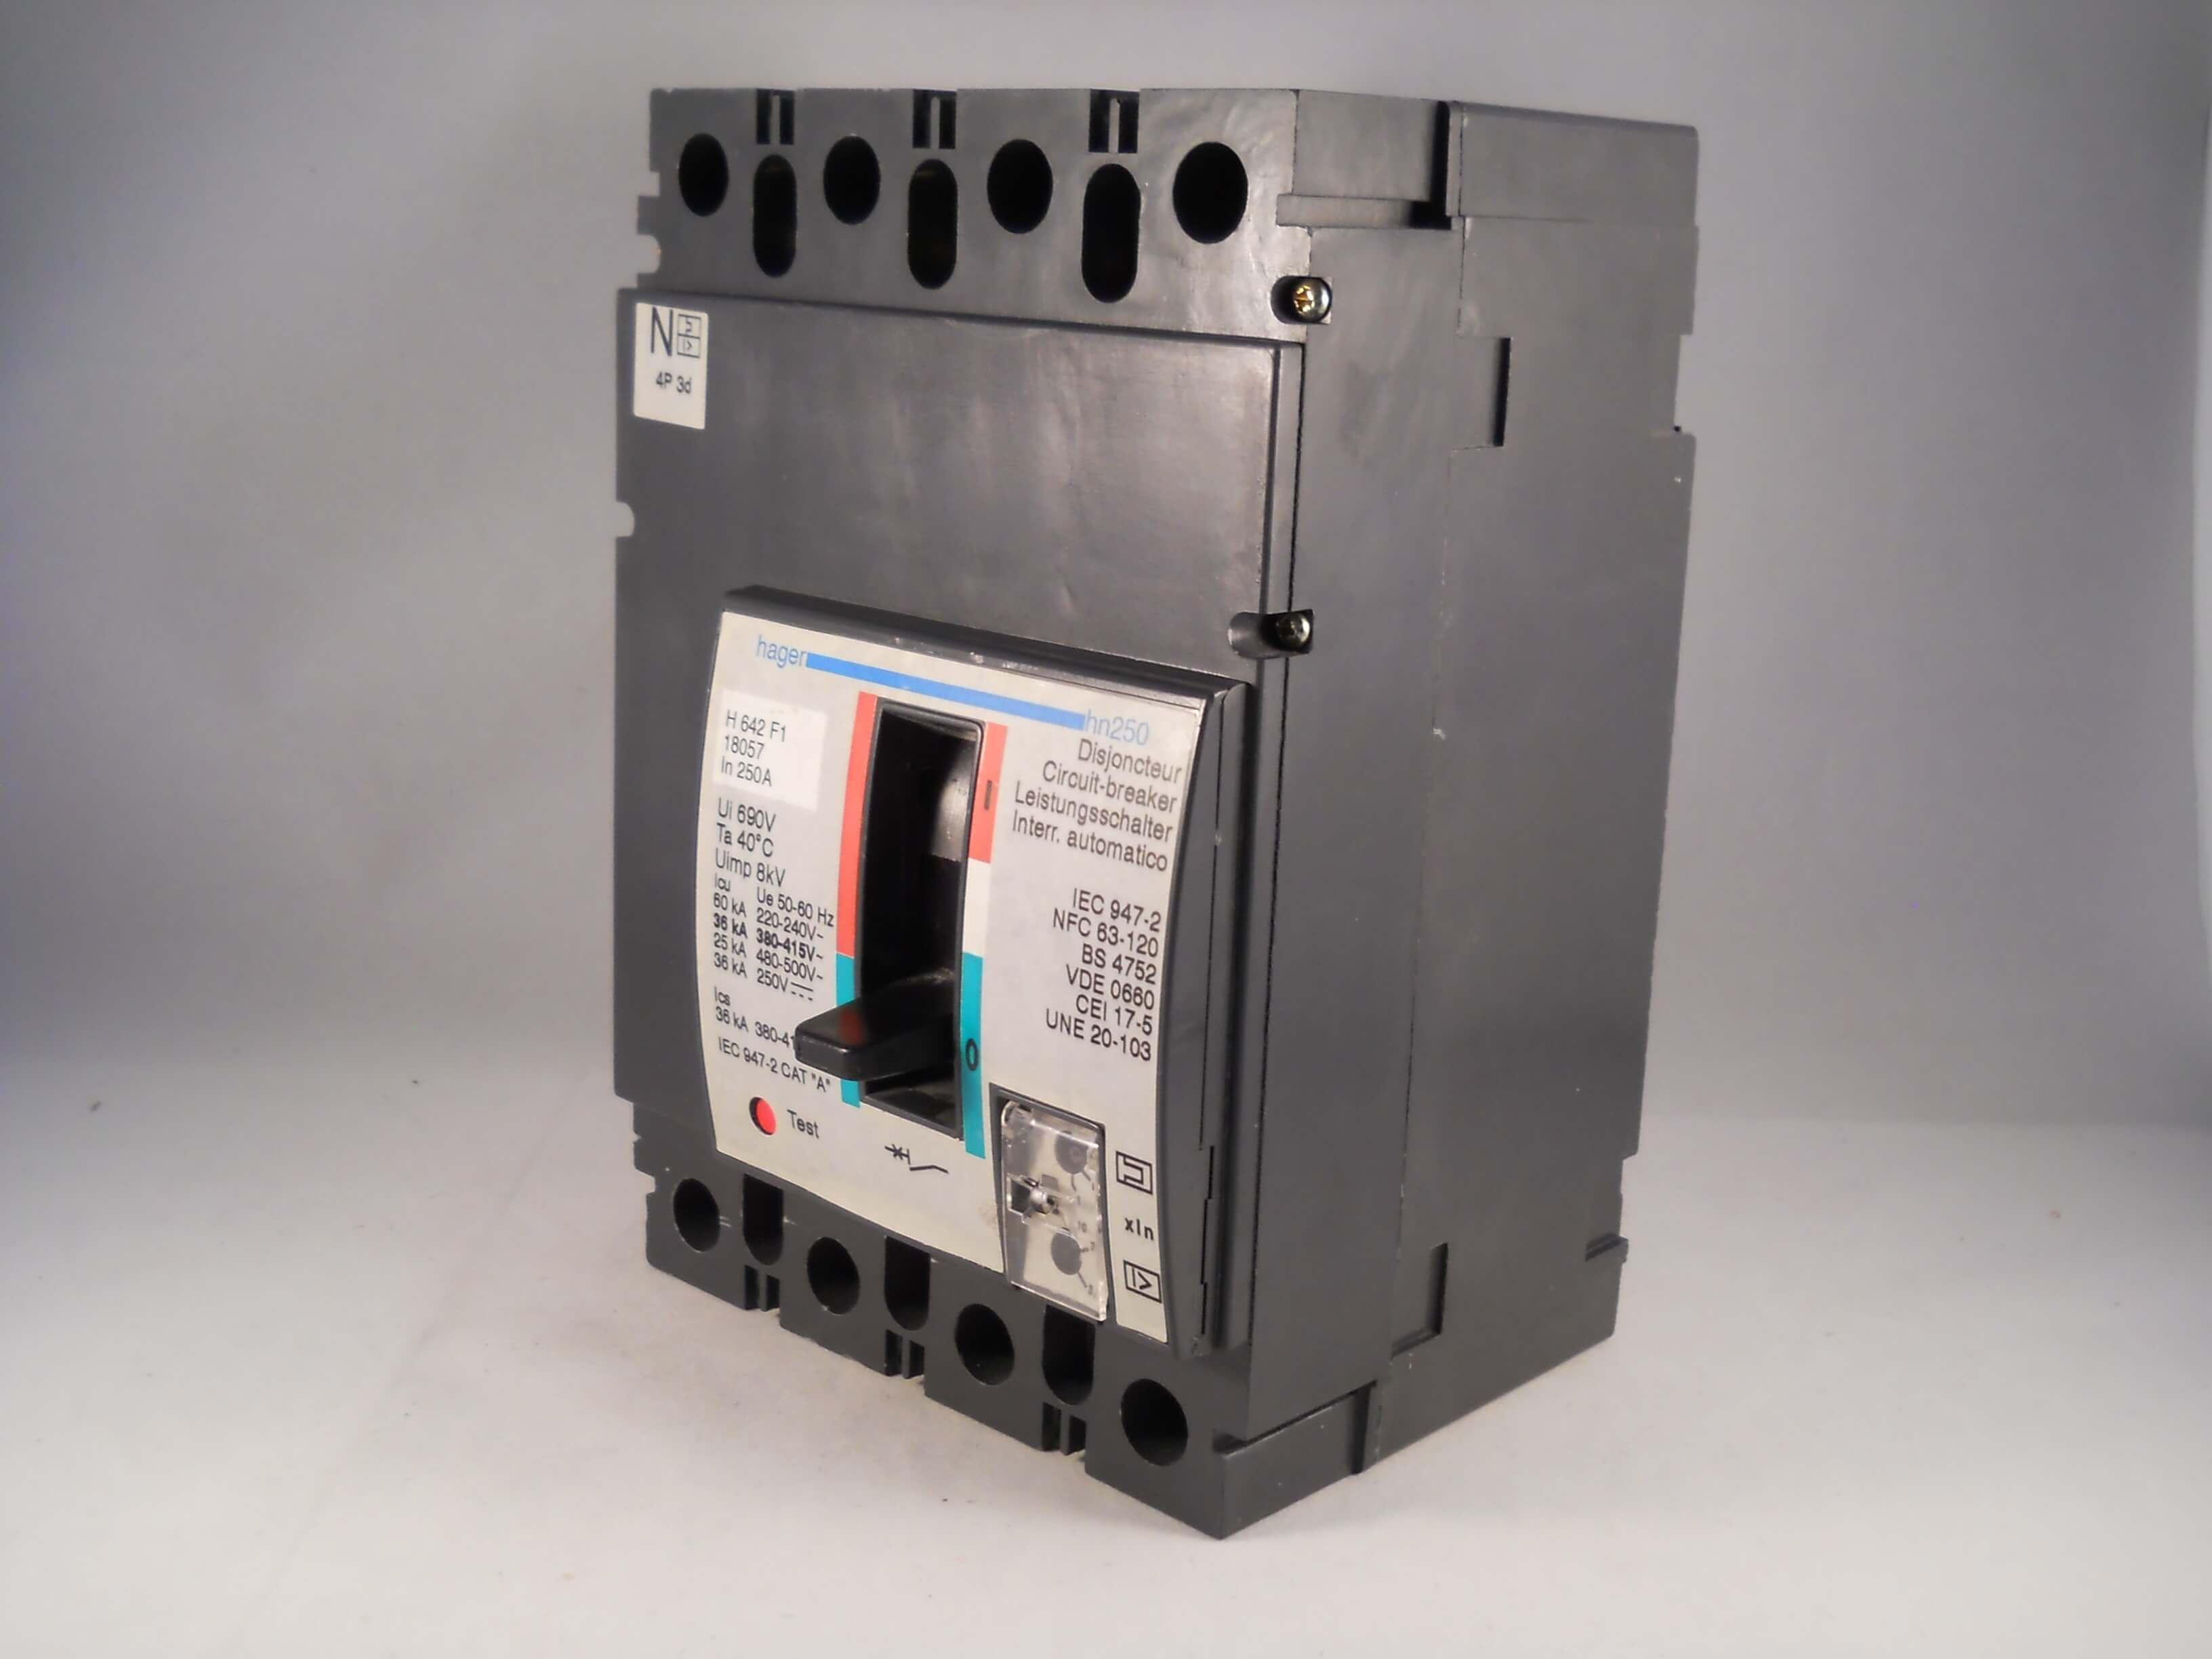 Groß 20 Ampere Leistungsschalter Galerie - Elektrische Schaltplan ...